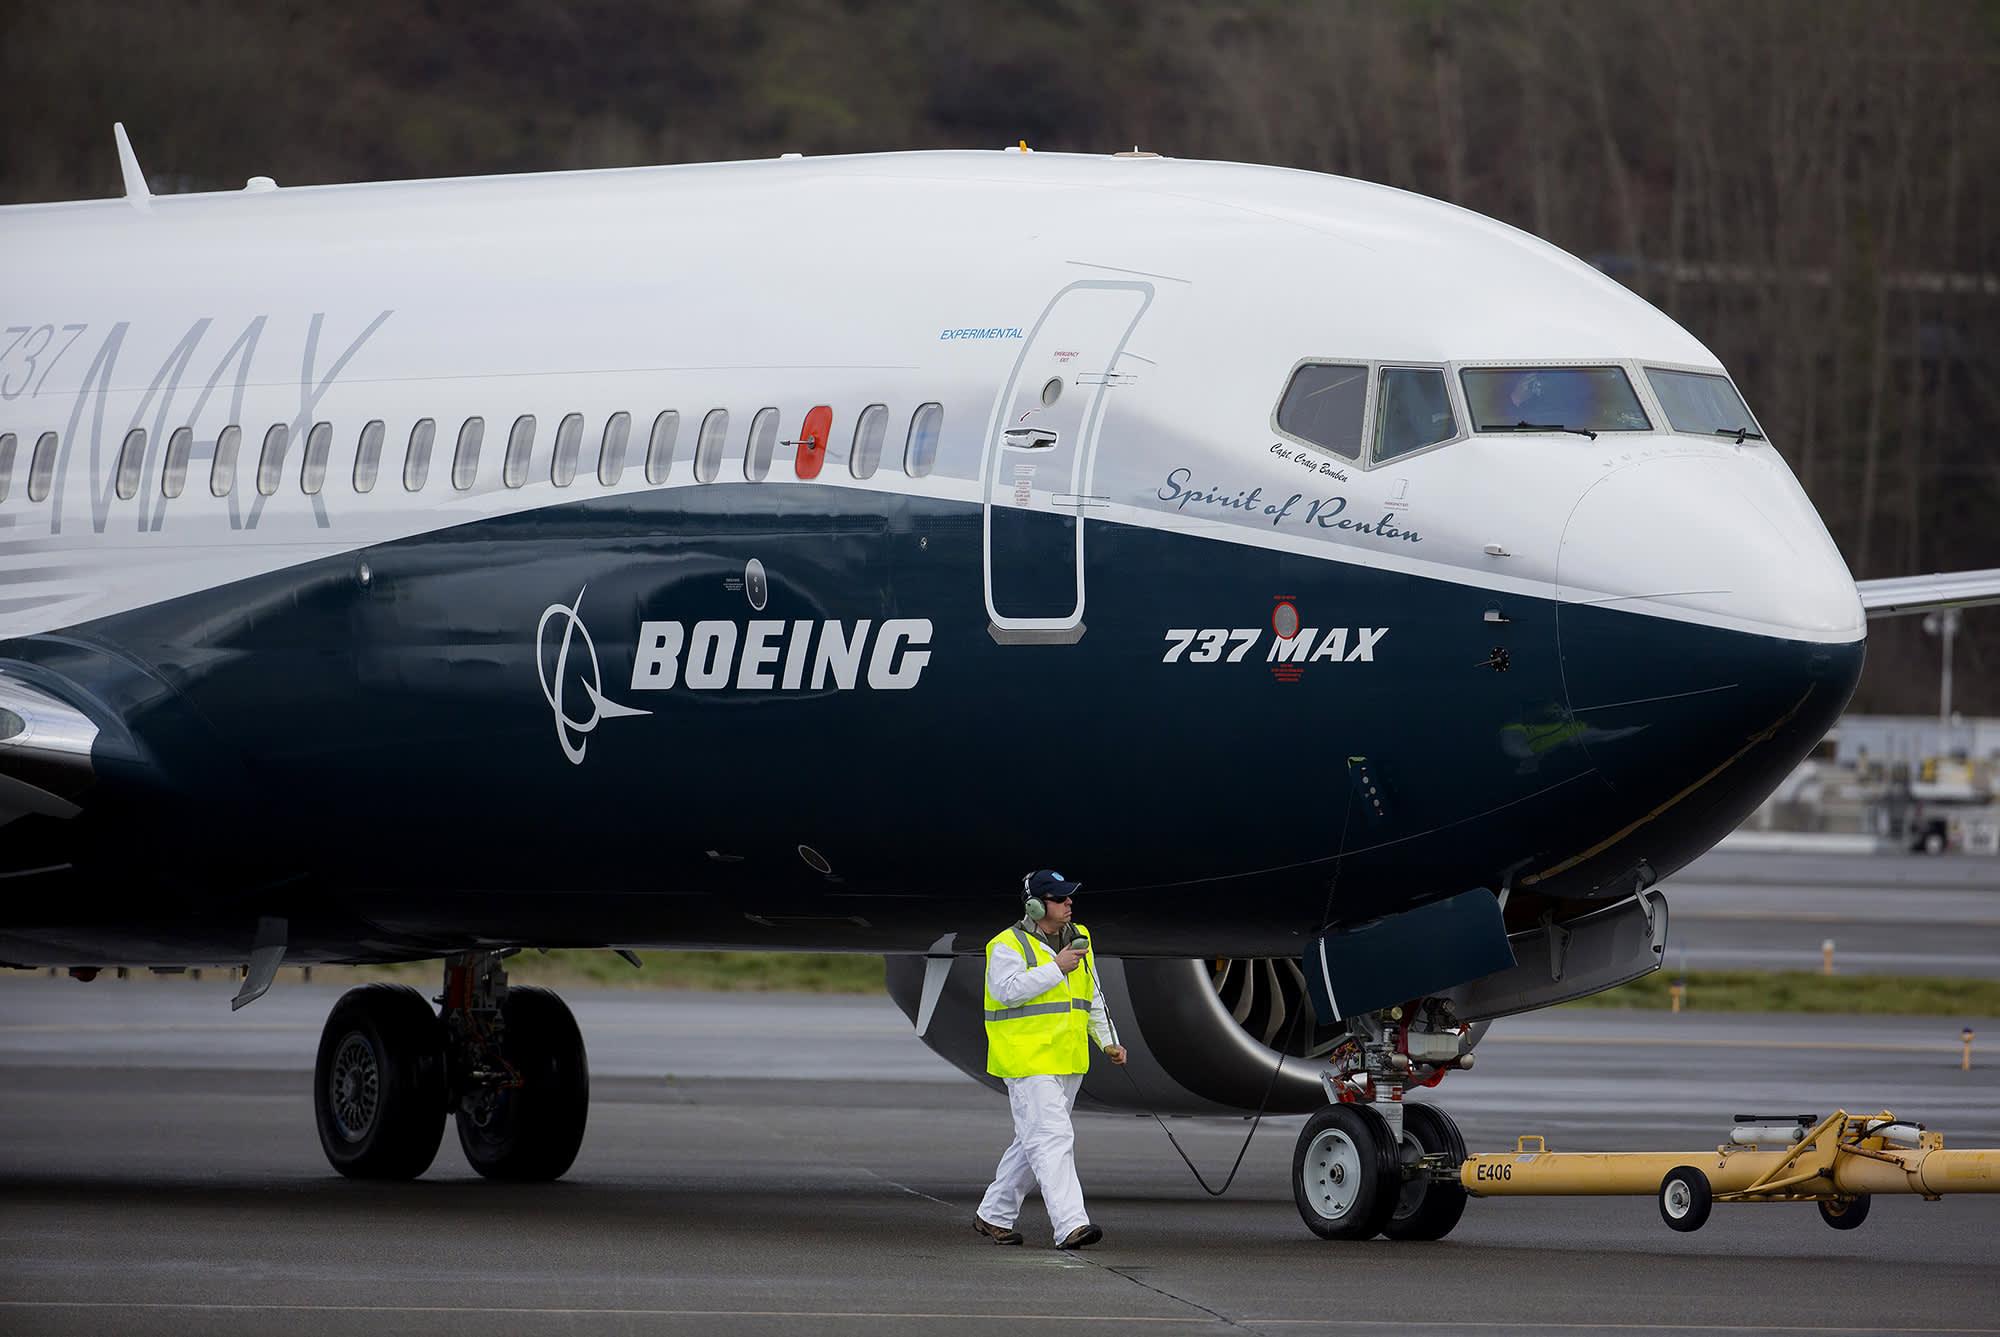 Boeing invites pilots, regulators to briefing as it looks to return